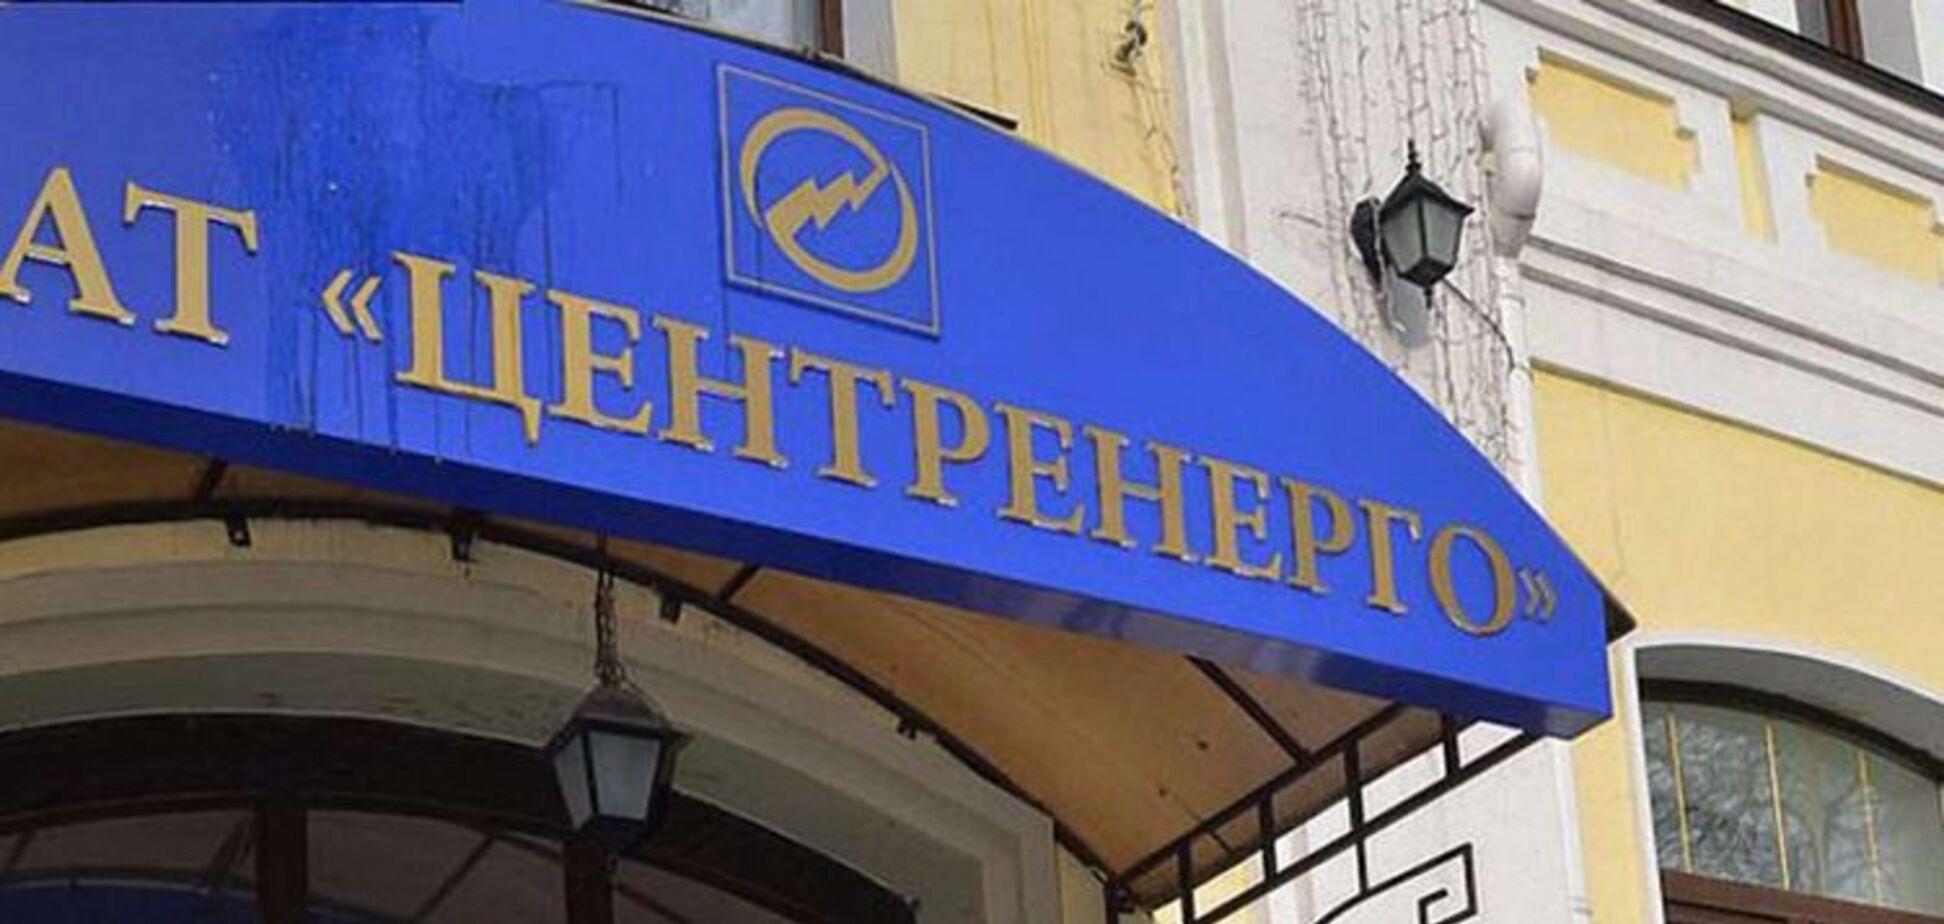 'Центренерго' втратило 1 млрд грн на продажу електроенергії: розкрито схему